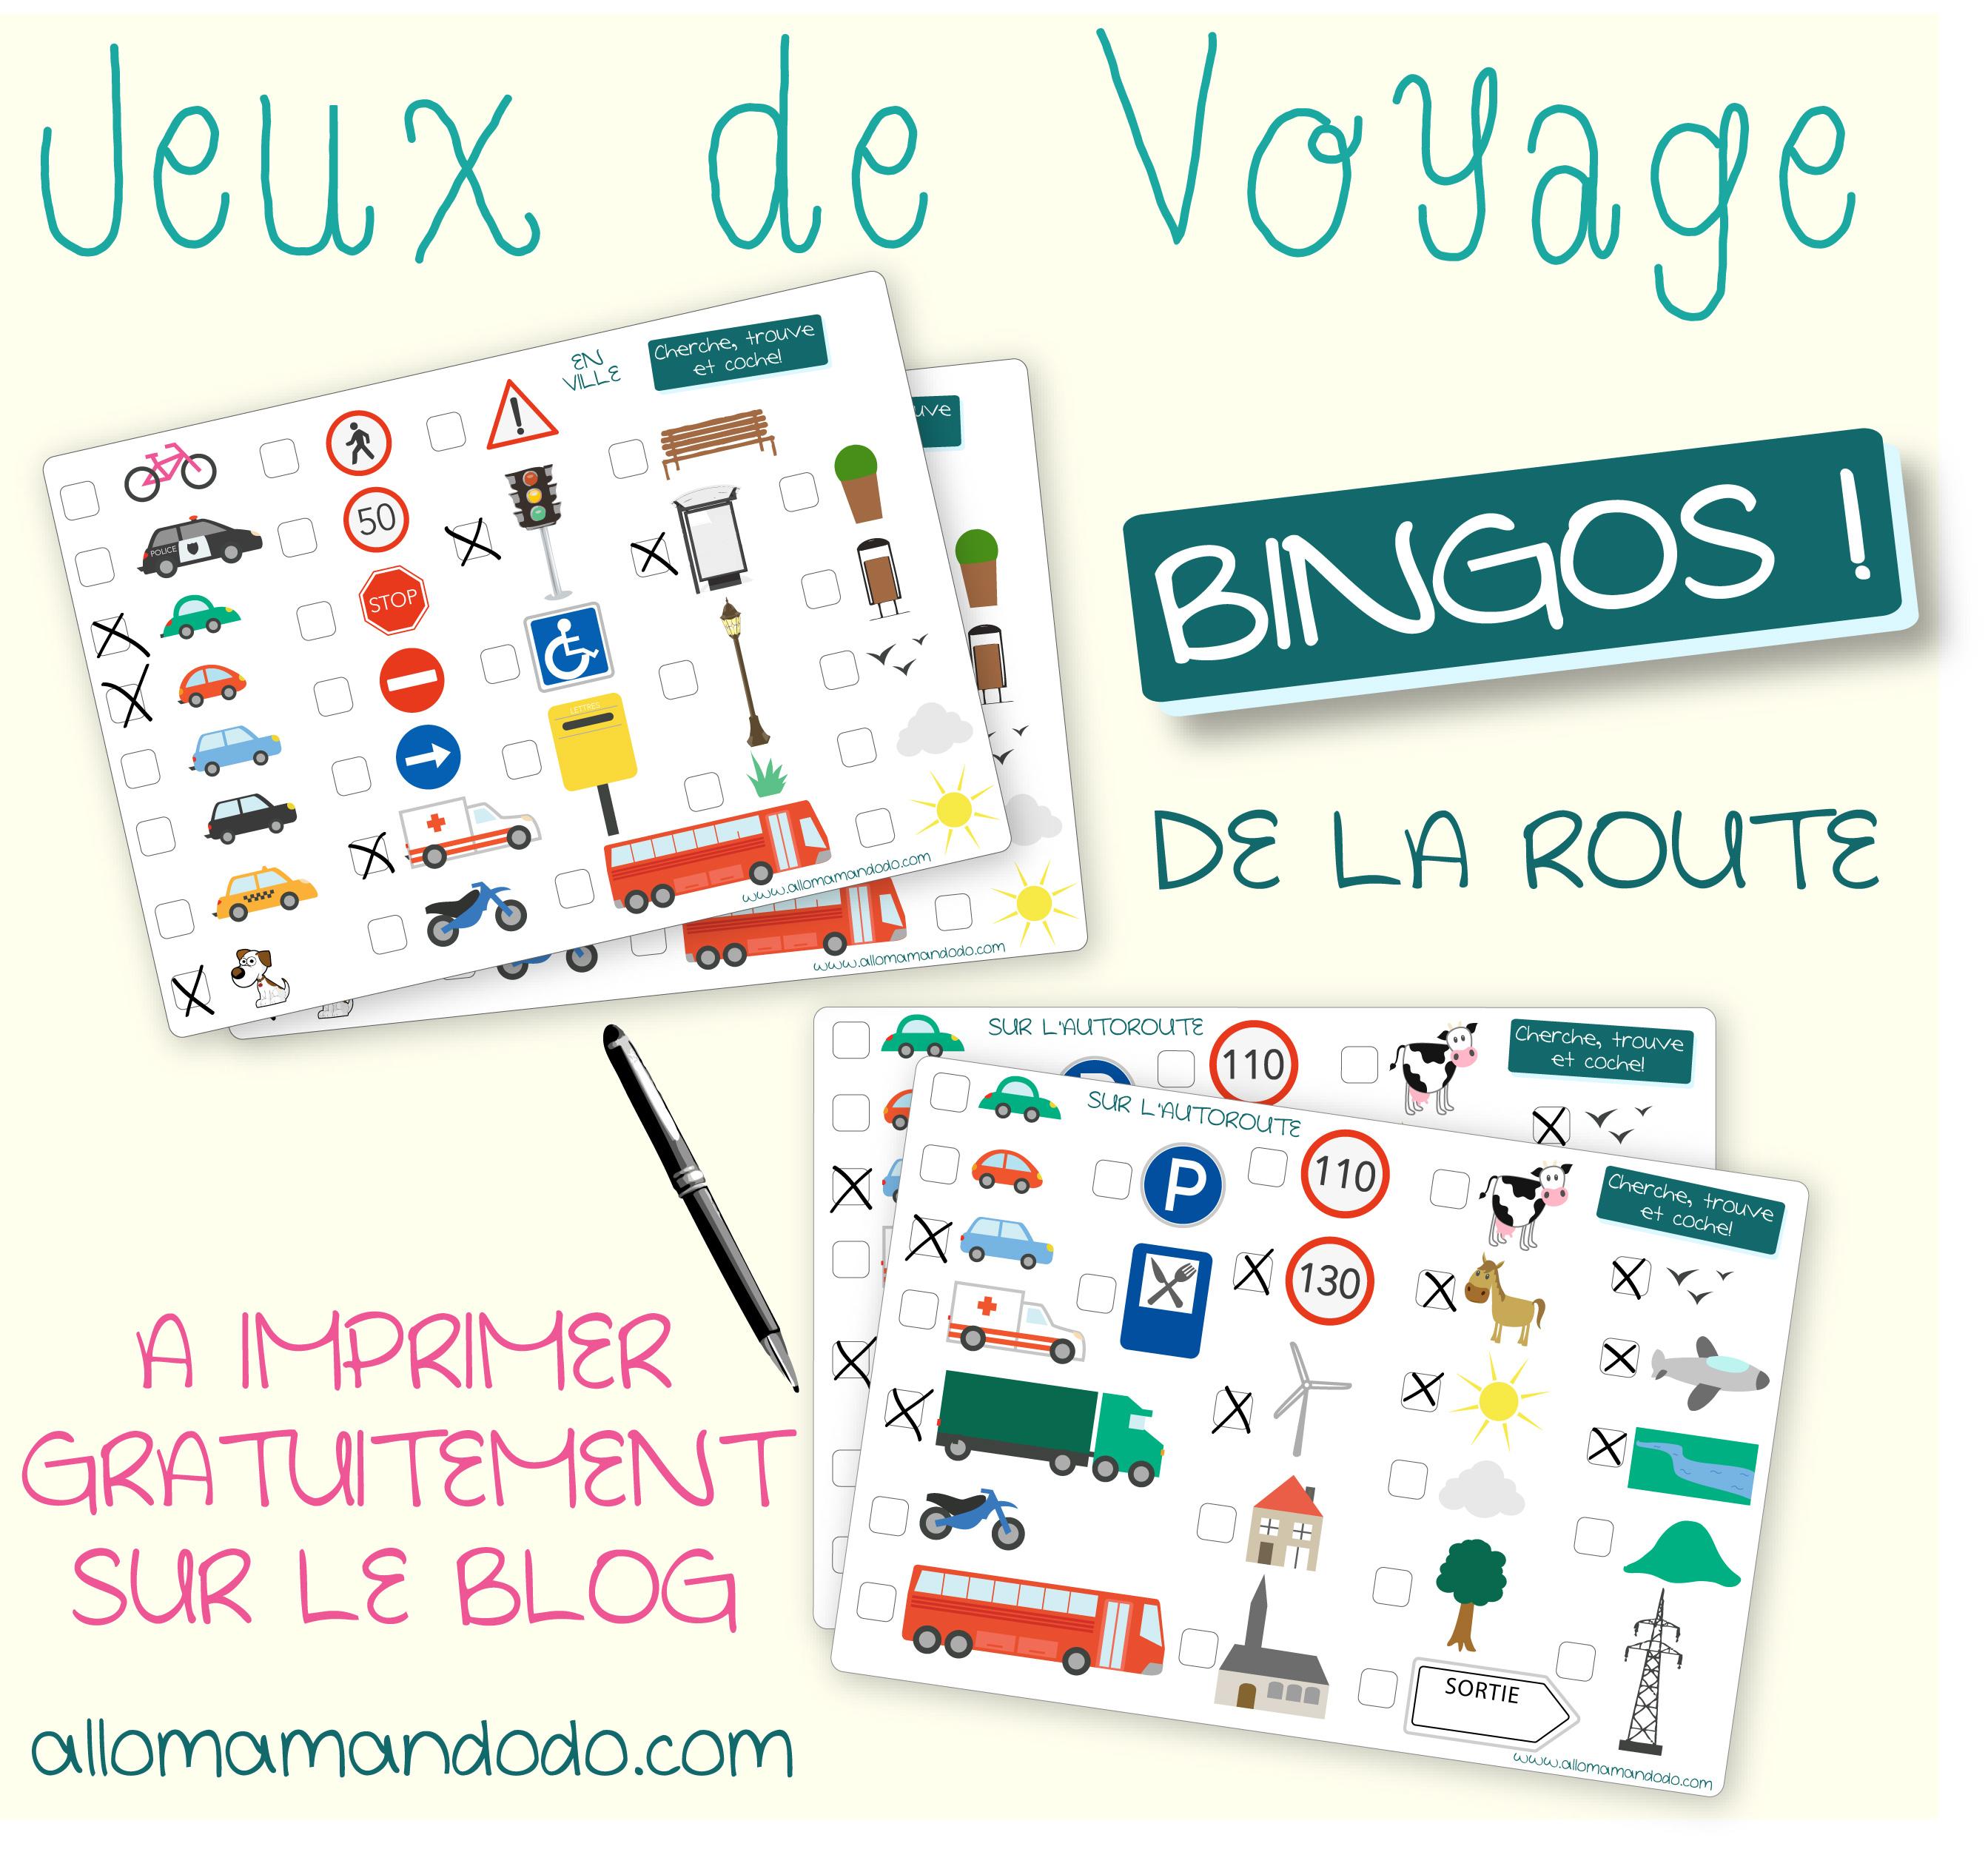 Les Occuper En Voiture Jeux De Voyage Bingo De La Route A Imprimer Allo Maman Dodo